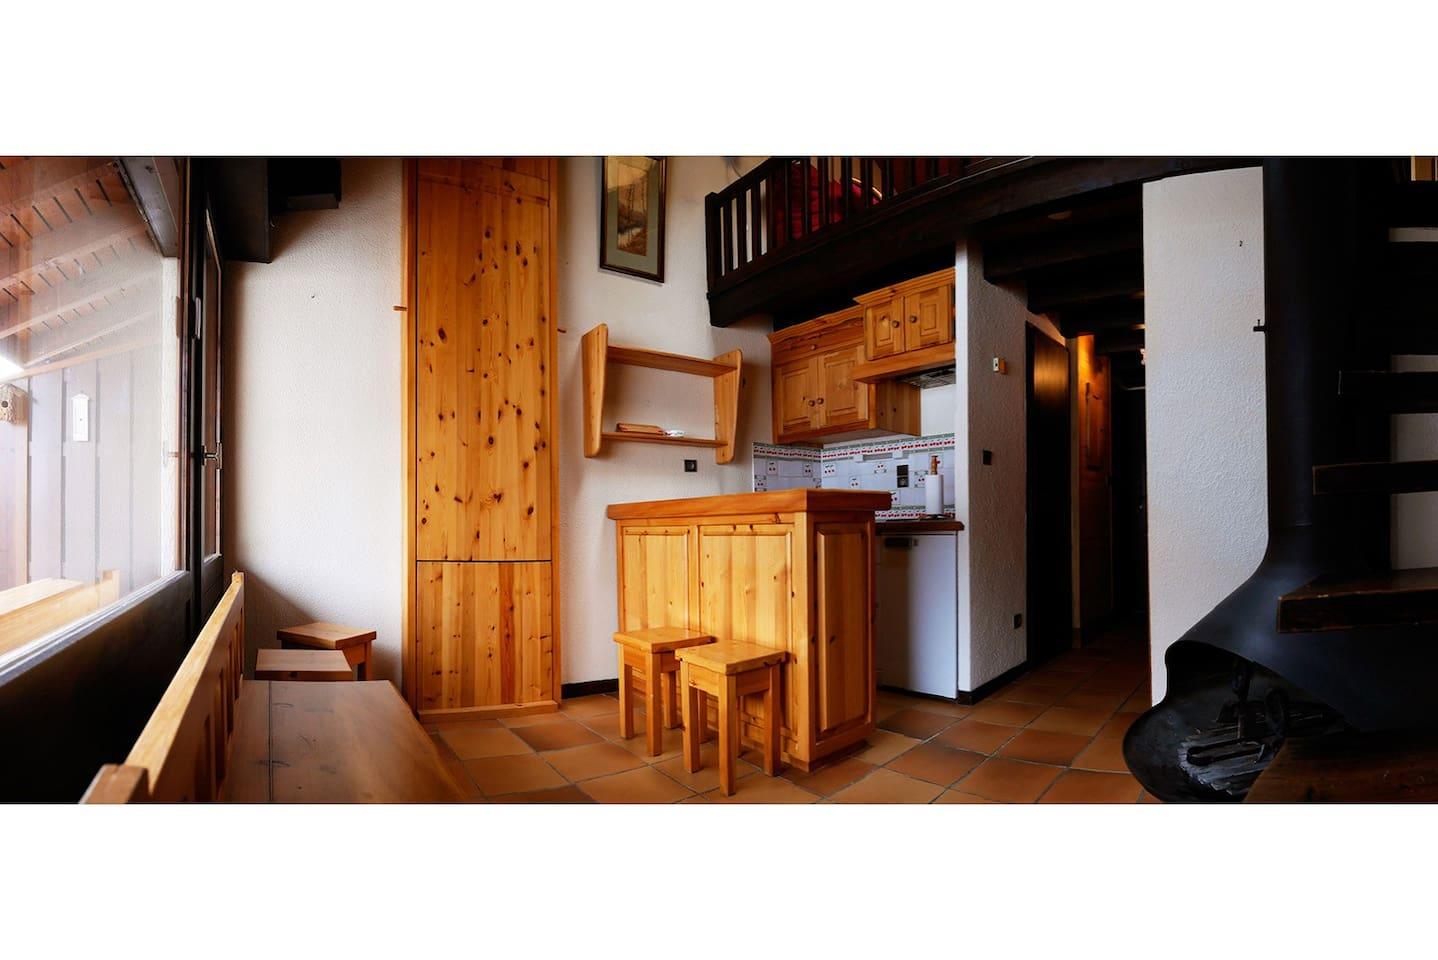 La table repliée contre le mur permet de dégager l'espace séjour-cuisine